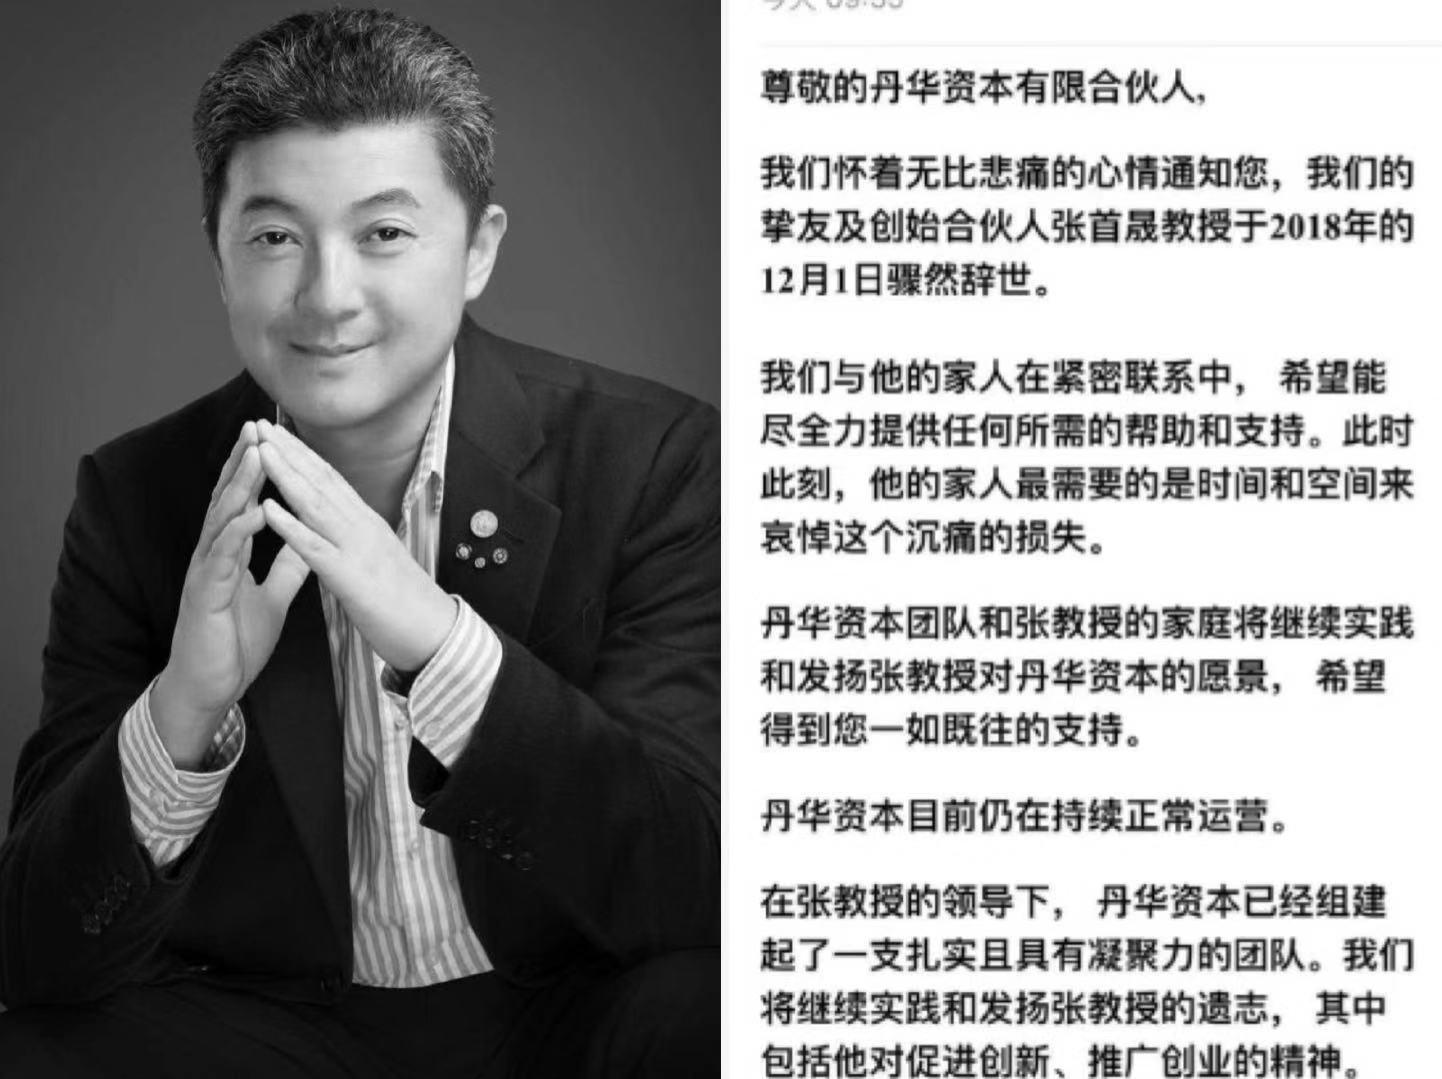 知名华裔科学家张首晟去世,享年55岁